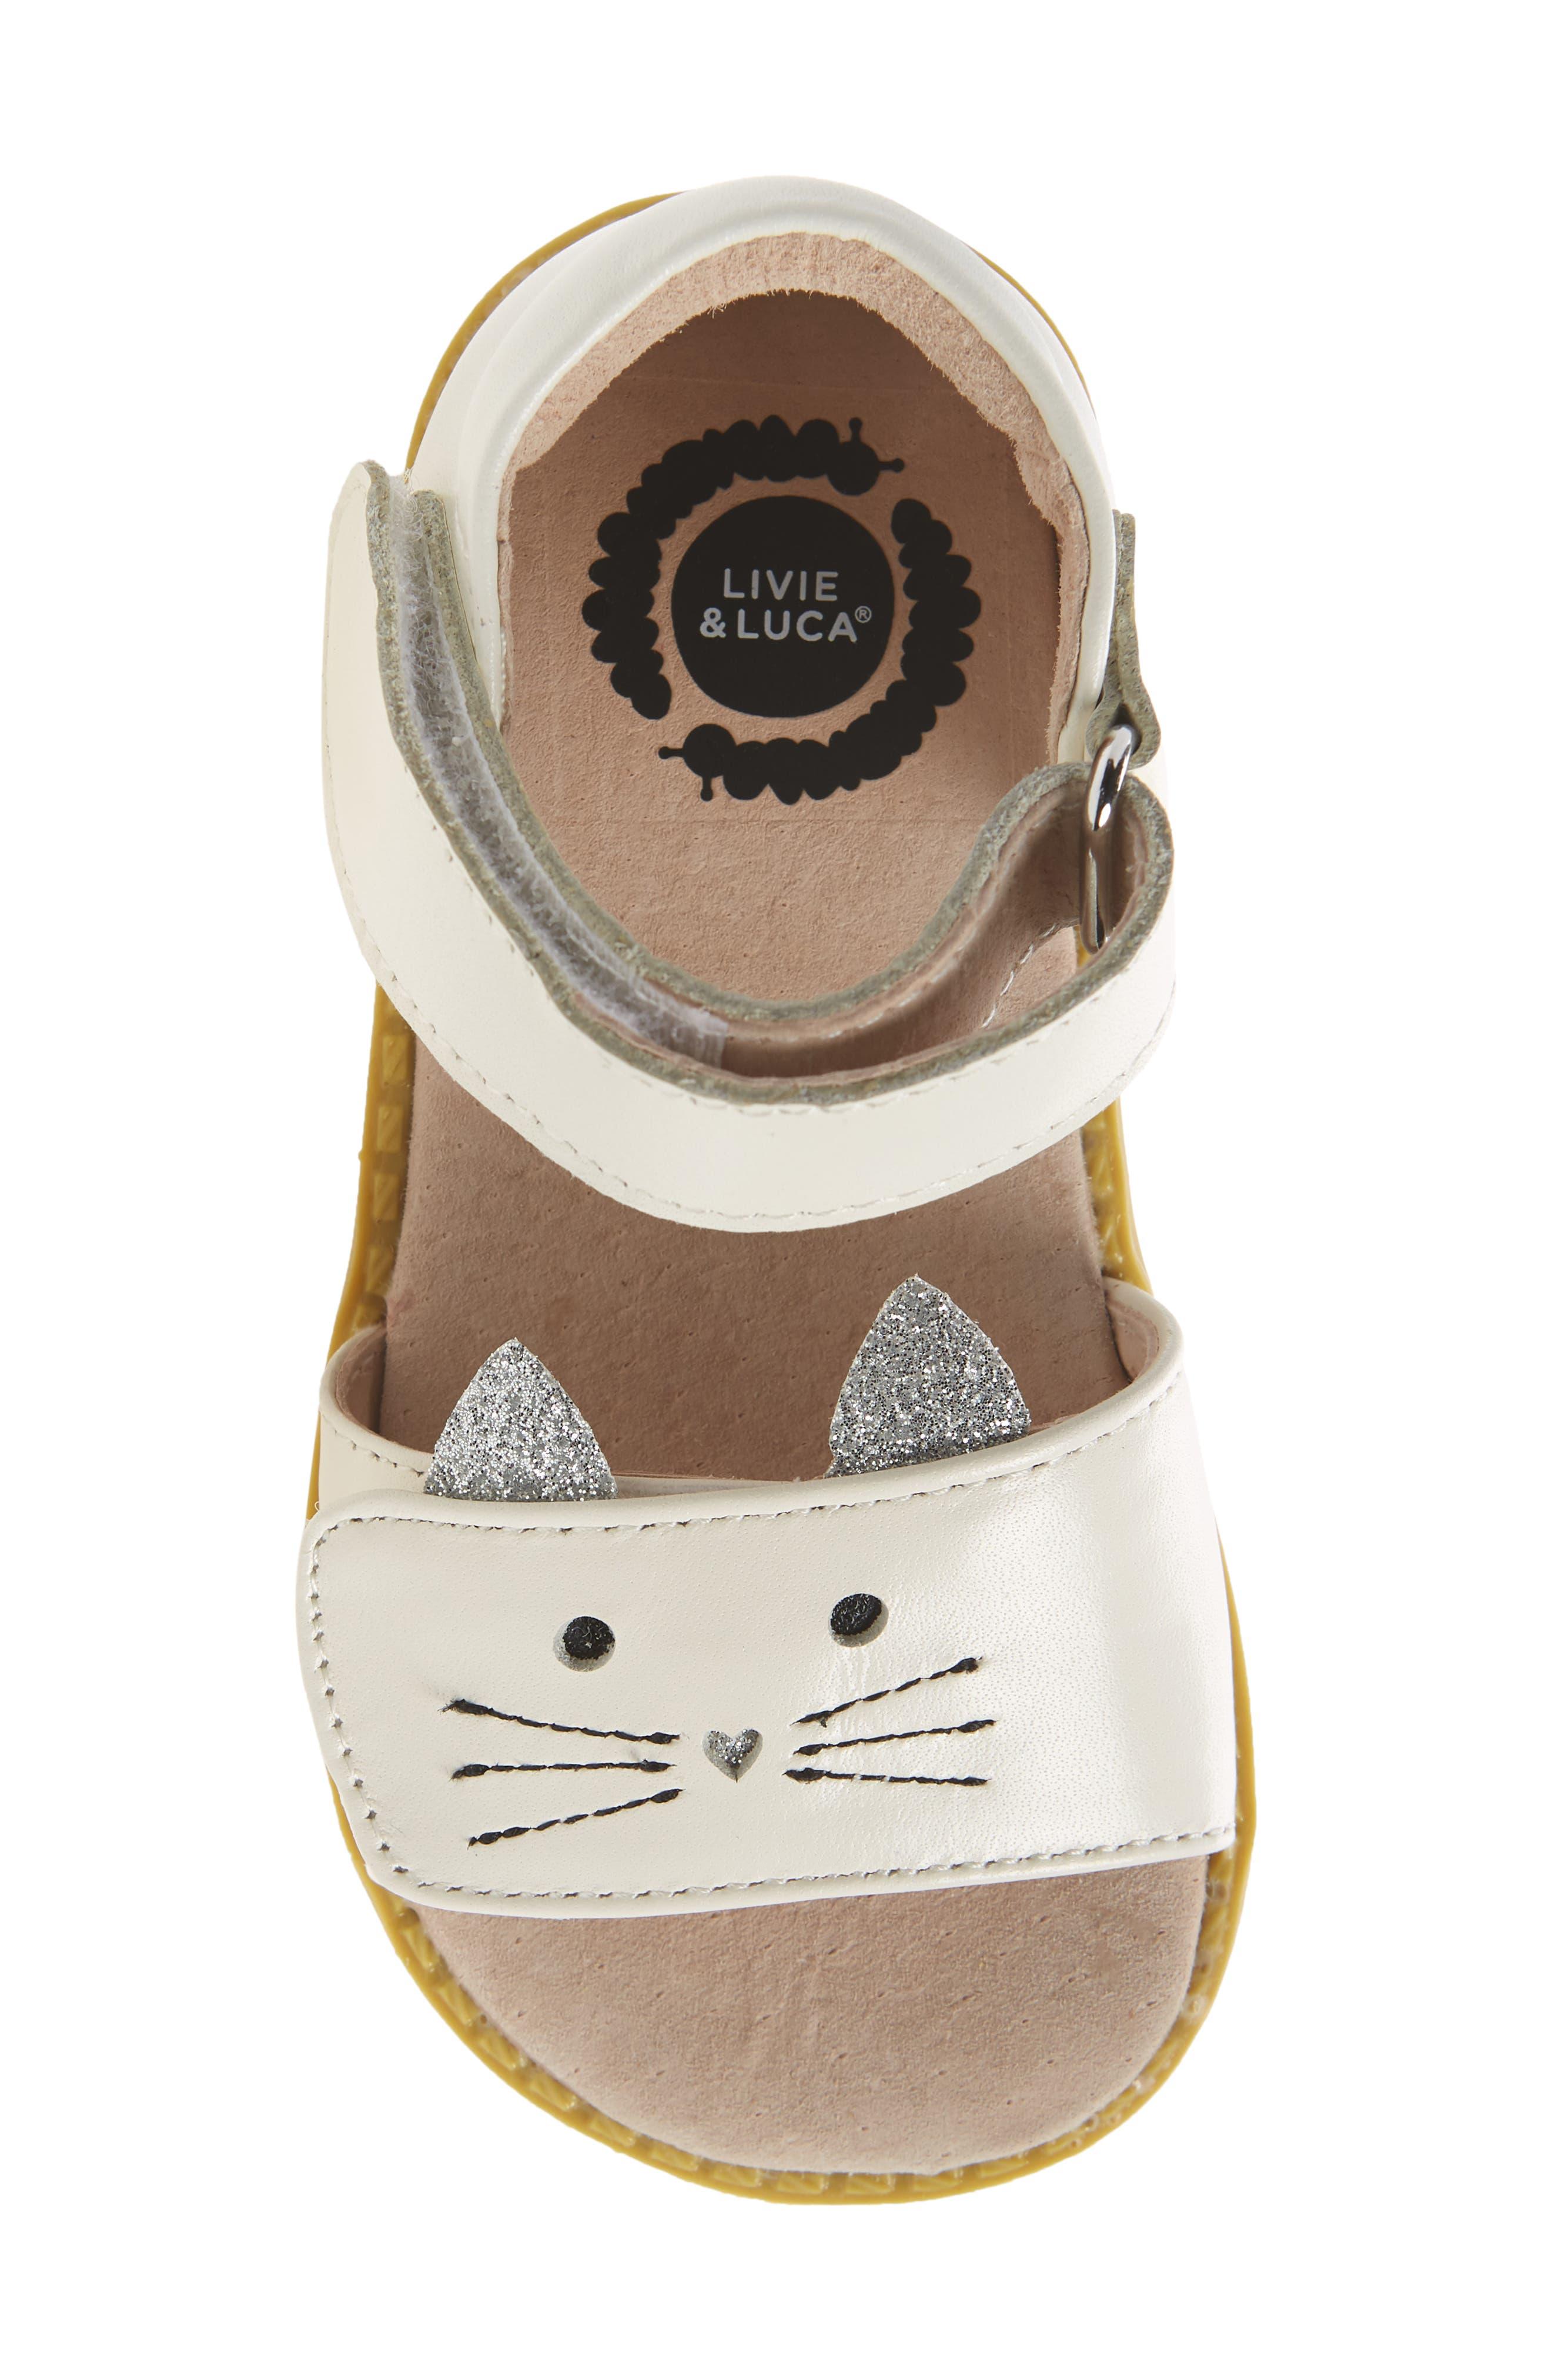 LIVIE & LUCA, Tabby Kitty Face Sandal, Alternate thumbnail 5, color, 106